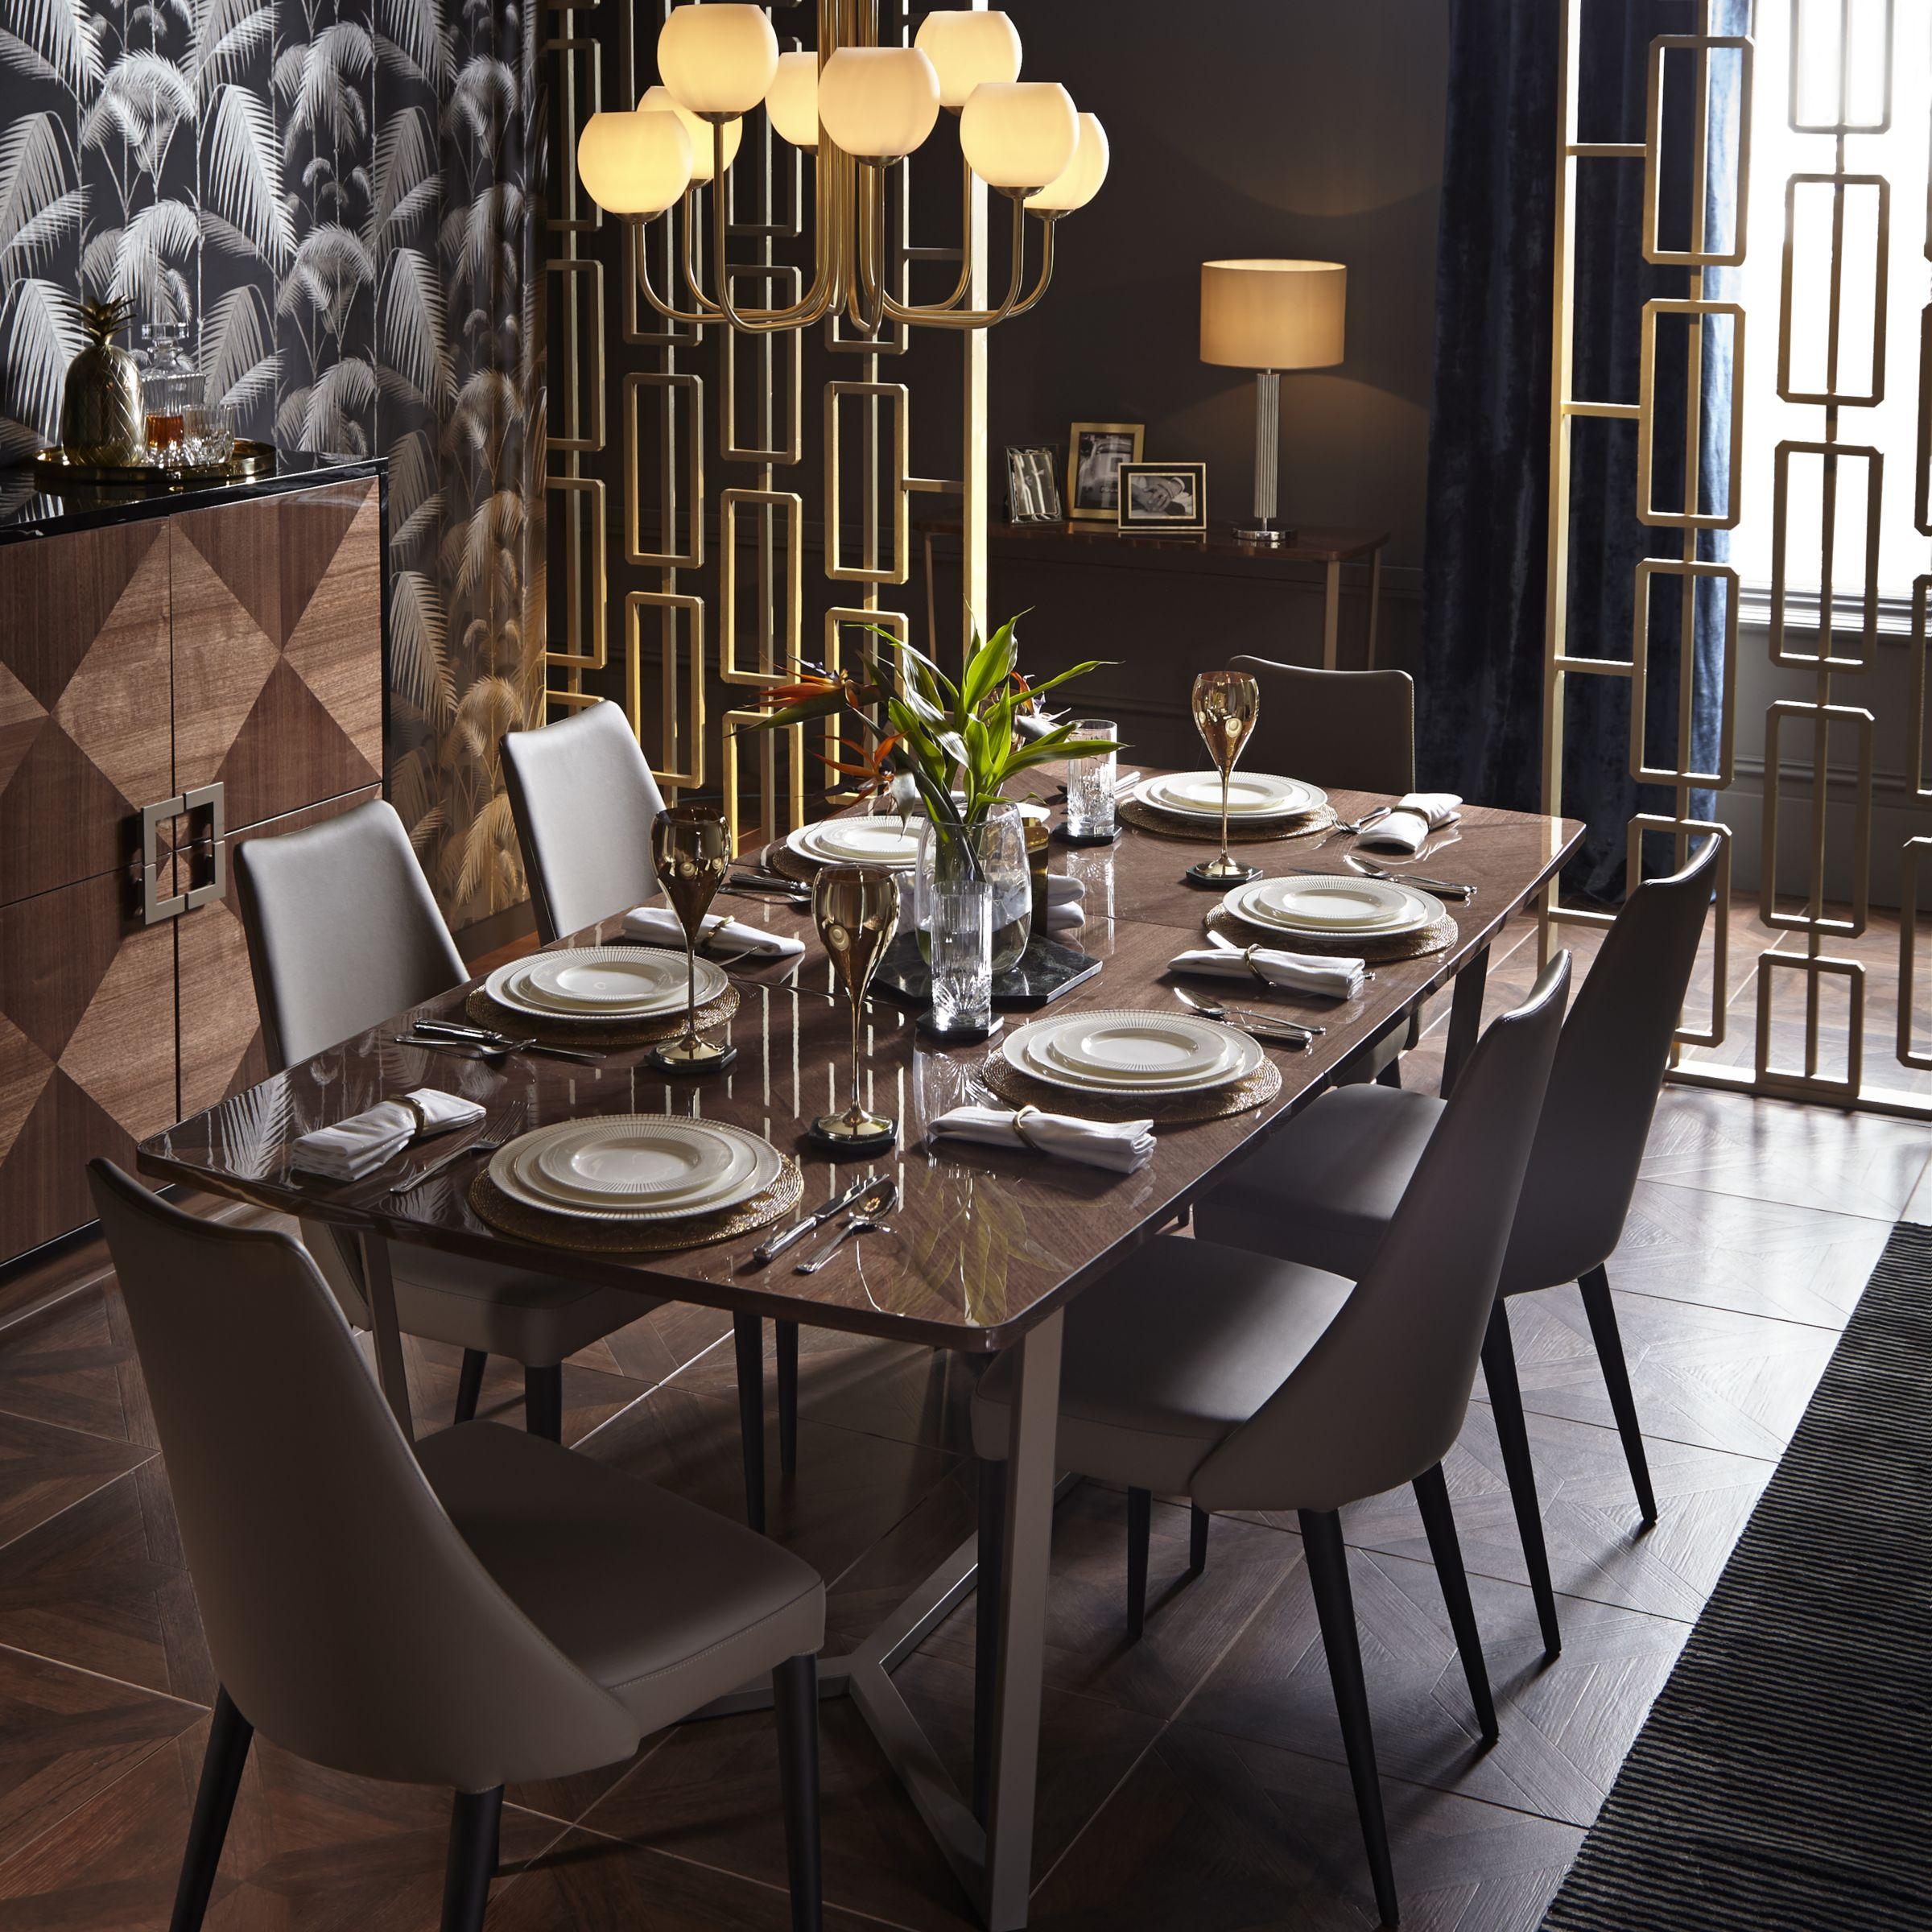 Buy John Lewis Puccini Living Dining Room Furniture Range John